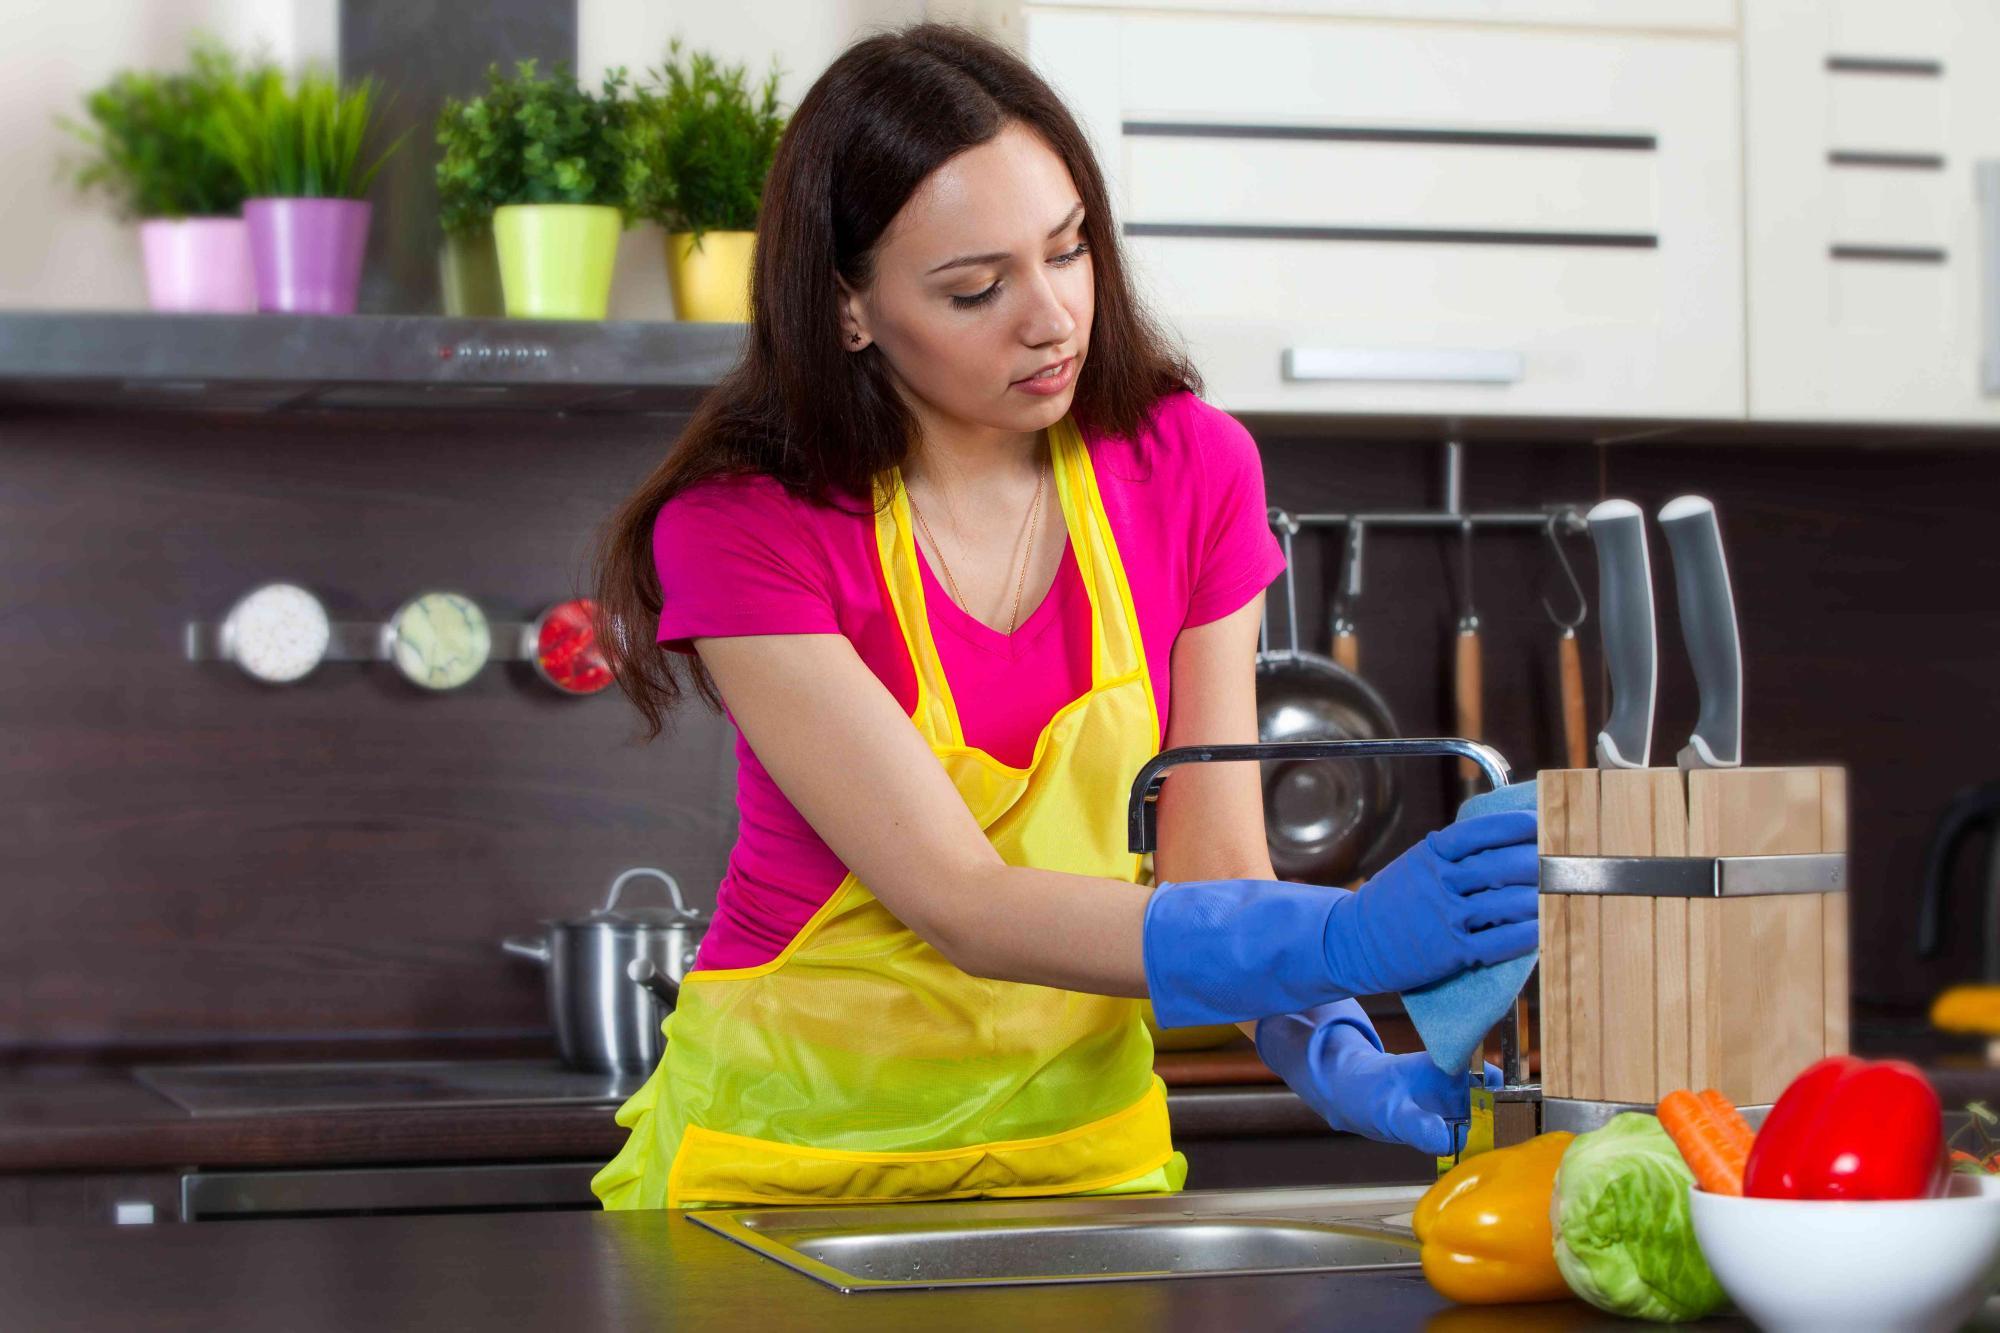 بالصور تنظيف المنزل , خطوات بسيطة لتنظيف المنزل 1909 3